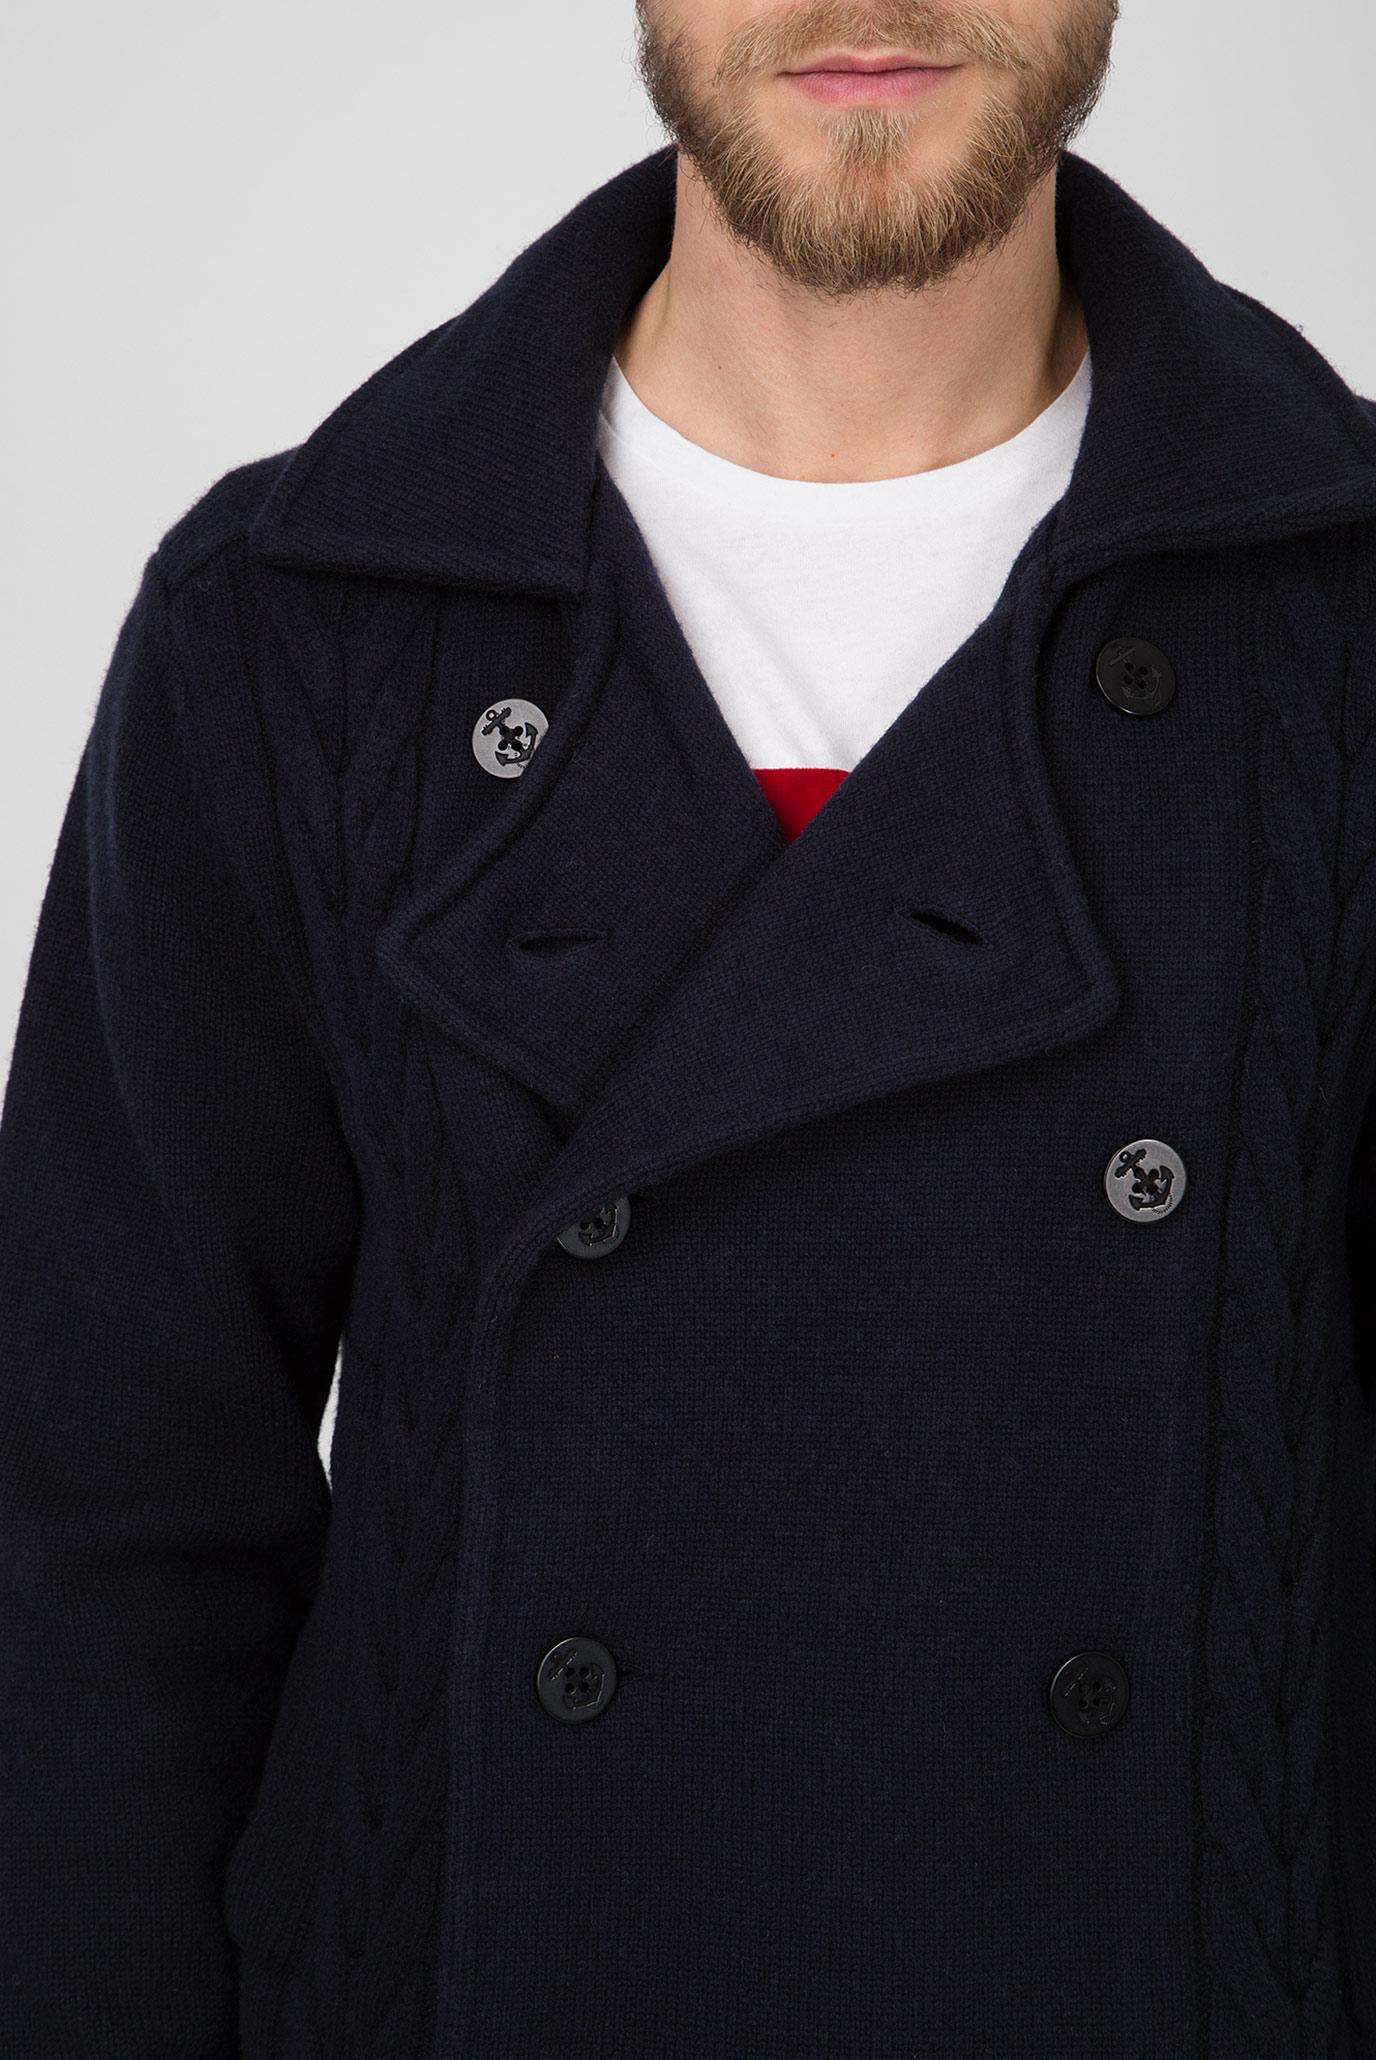 Купить Мужское темно-синее полупальто Tommy Hilfiger Tommy Hilfiger MW0MW07901 – Киев, Украина. Цены в интернет магазине MD Fashion